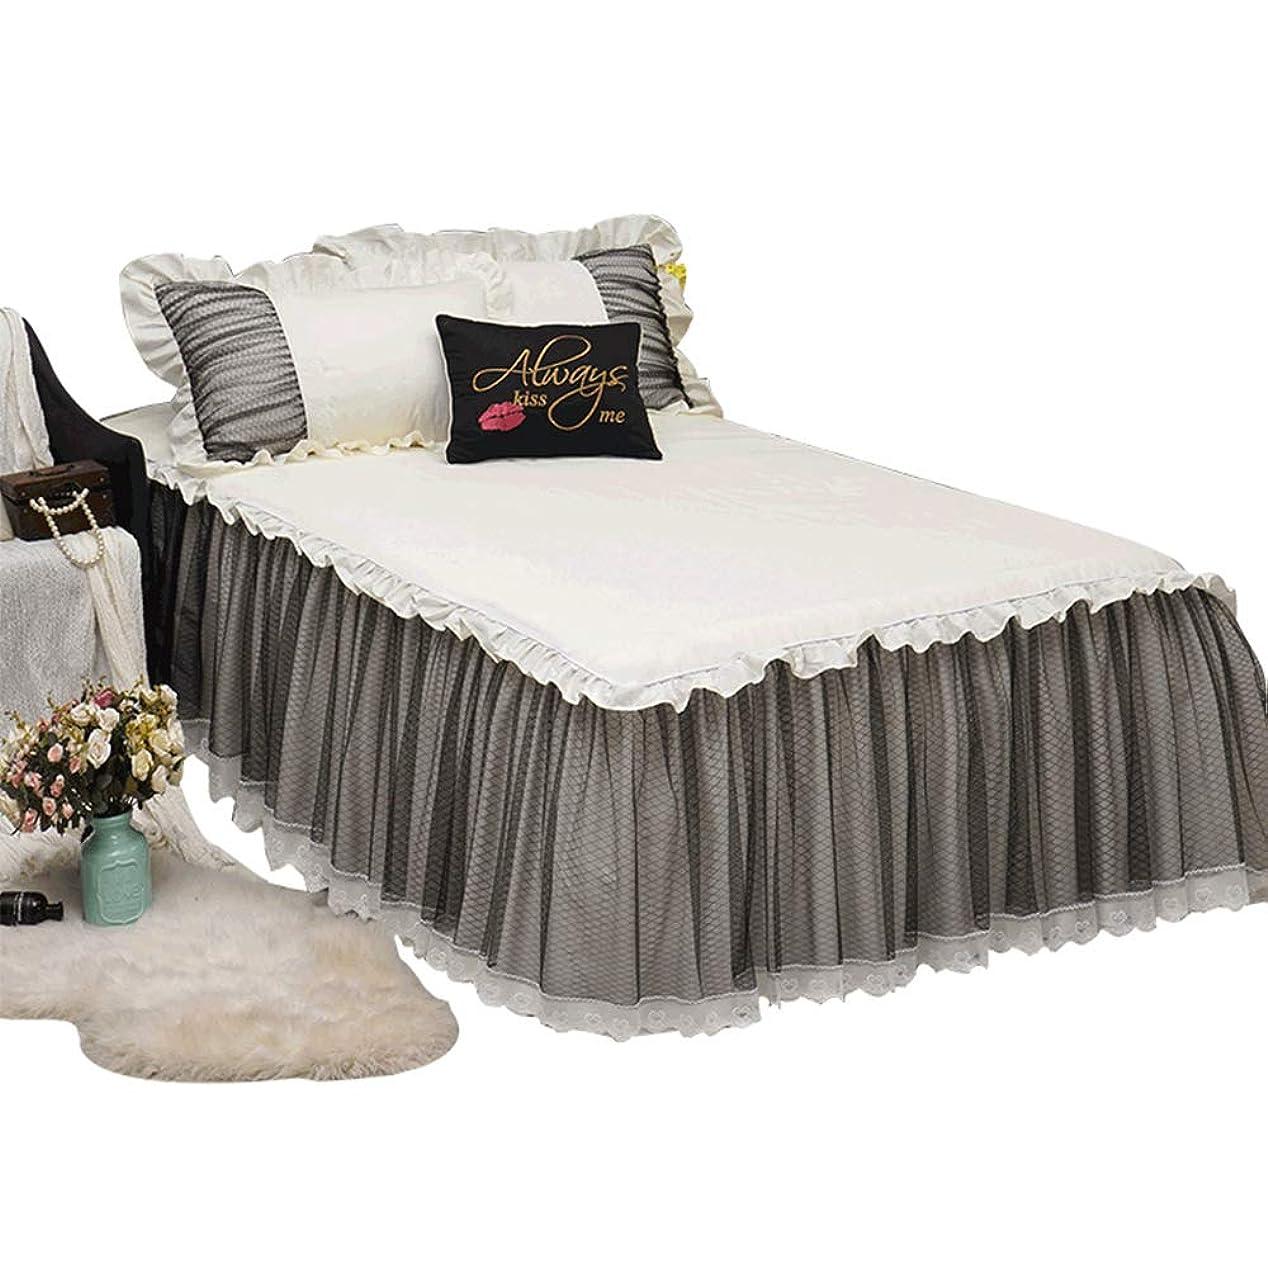 登場有罪データムプリンセスレースマットレスカバーロマンチックな寝室の装飾ロマンチックなバランスベッドスカートエクストラディープフリルプルーフベッドスカート,60